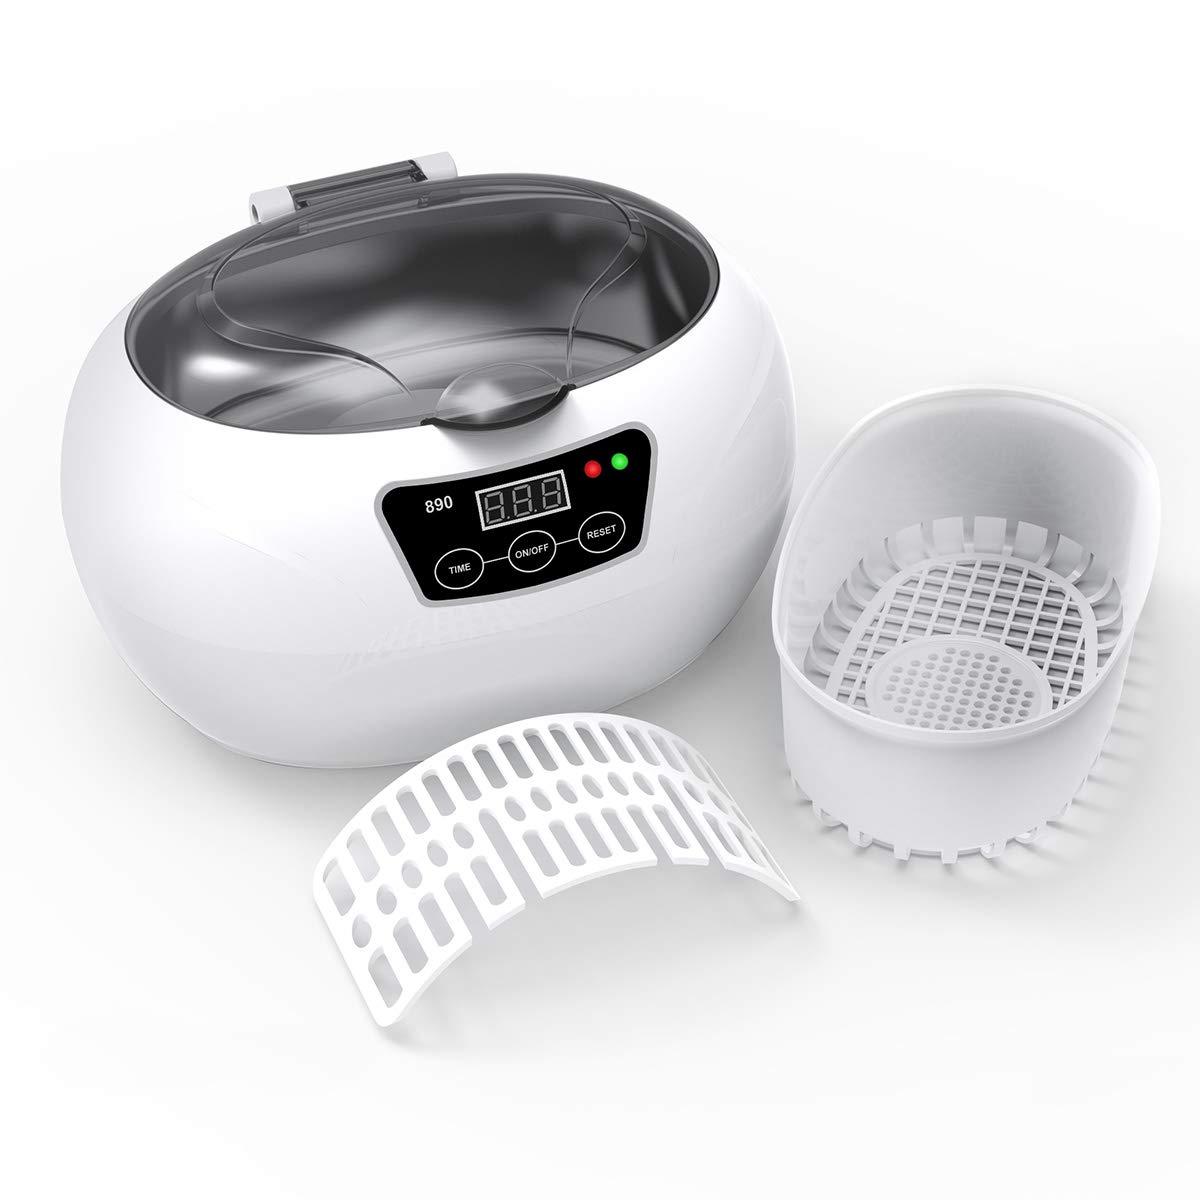 当社の 小型業務用超音波洗浄機 超音波クリーナー 洗浄かご付き Ultrasonic Cleaner Cleaner Sonic B01LQ0YVMU Wave Cleaning Sonic machine 600ml (グレー) グレー B01LQ0YVMU, HUGEST:423ade41 --- arianechie.dominiotemporario.com